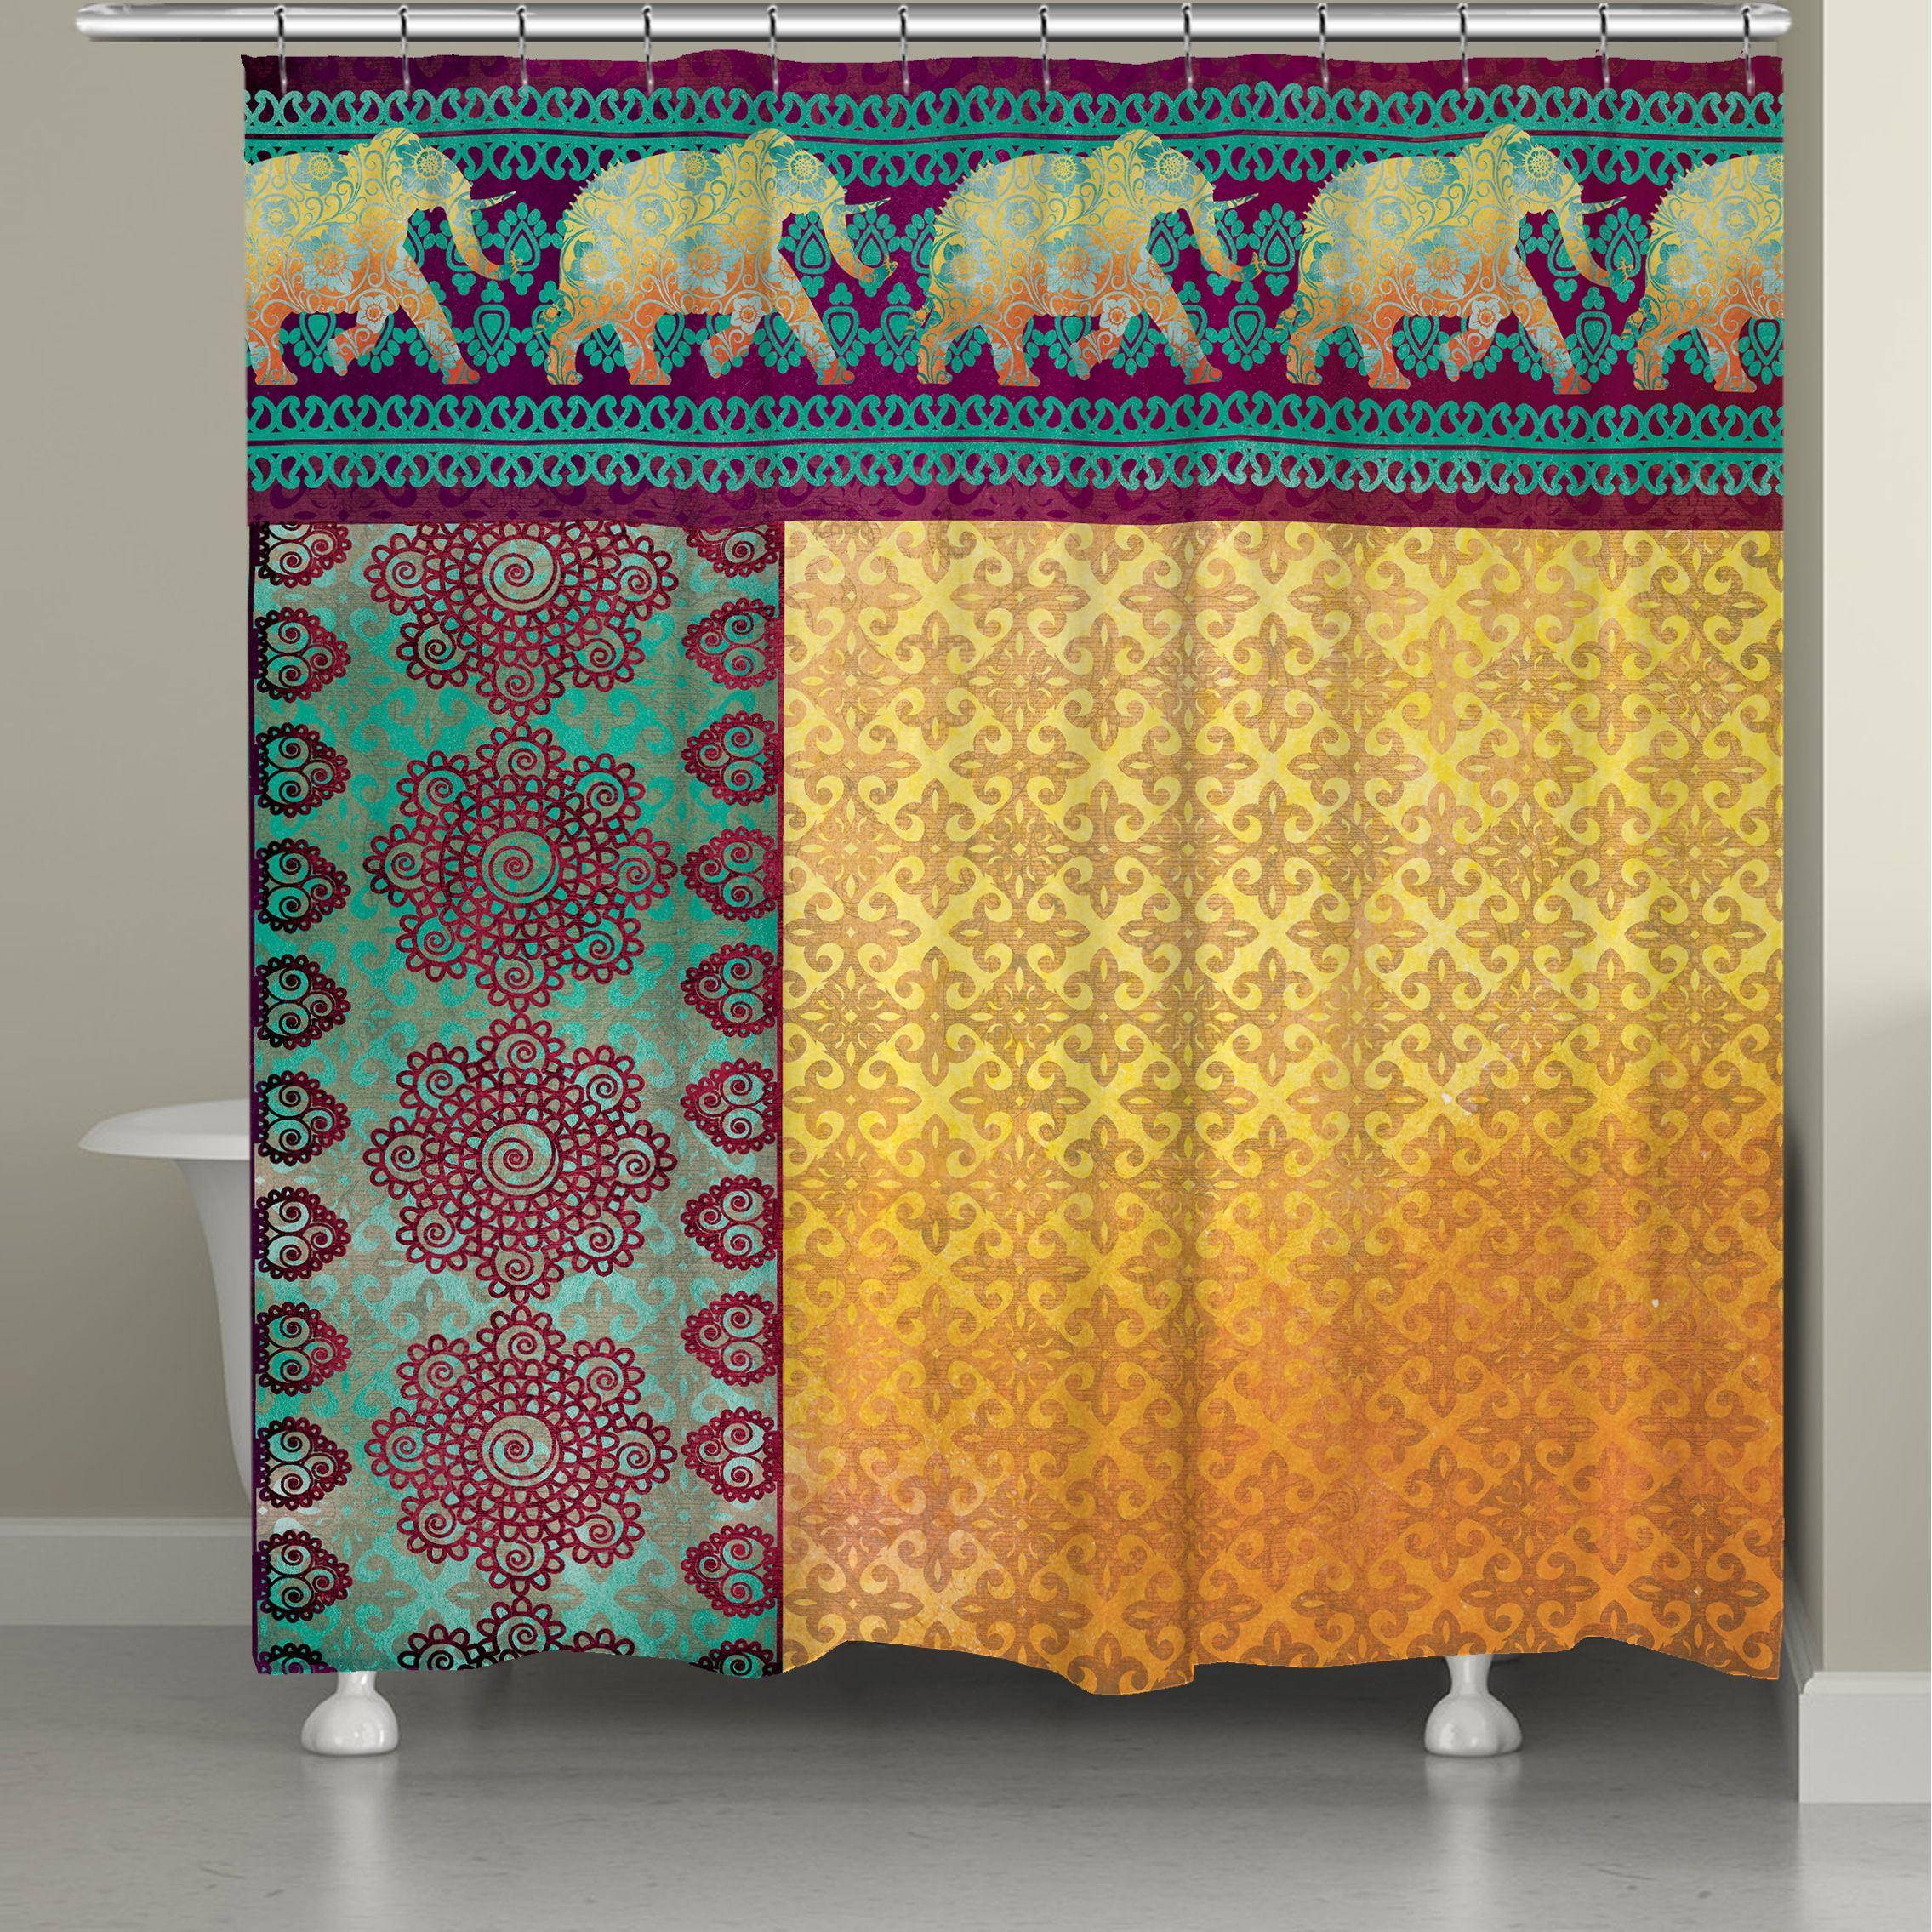 Badezimmer dekor mit duschvorhängen laural home moroccan elephants shower curtain